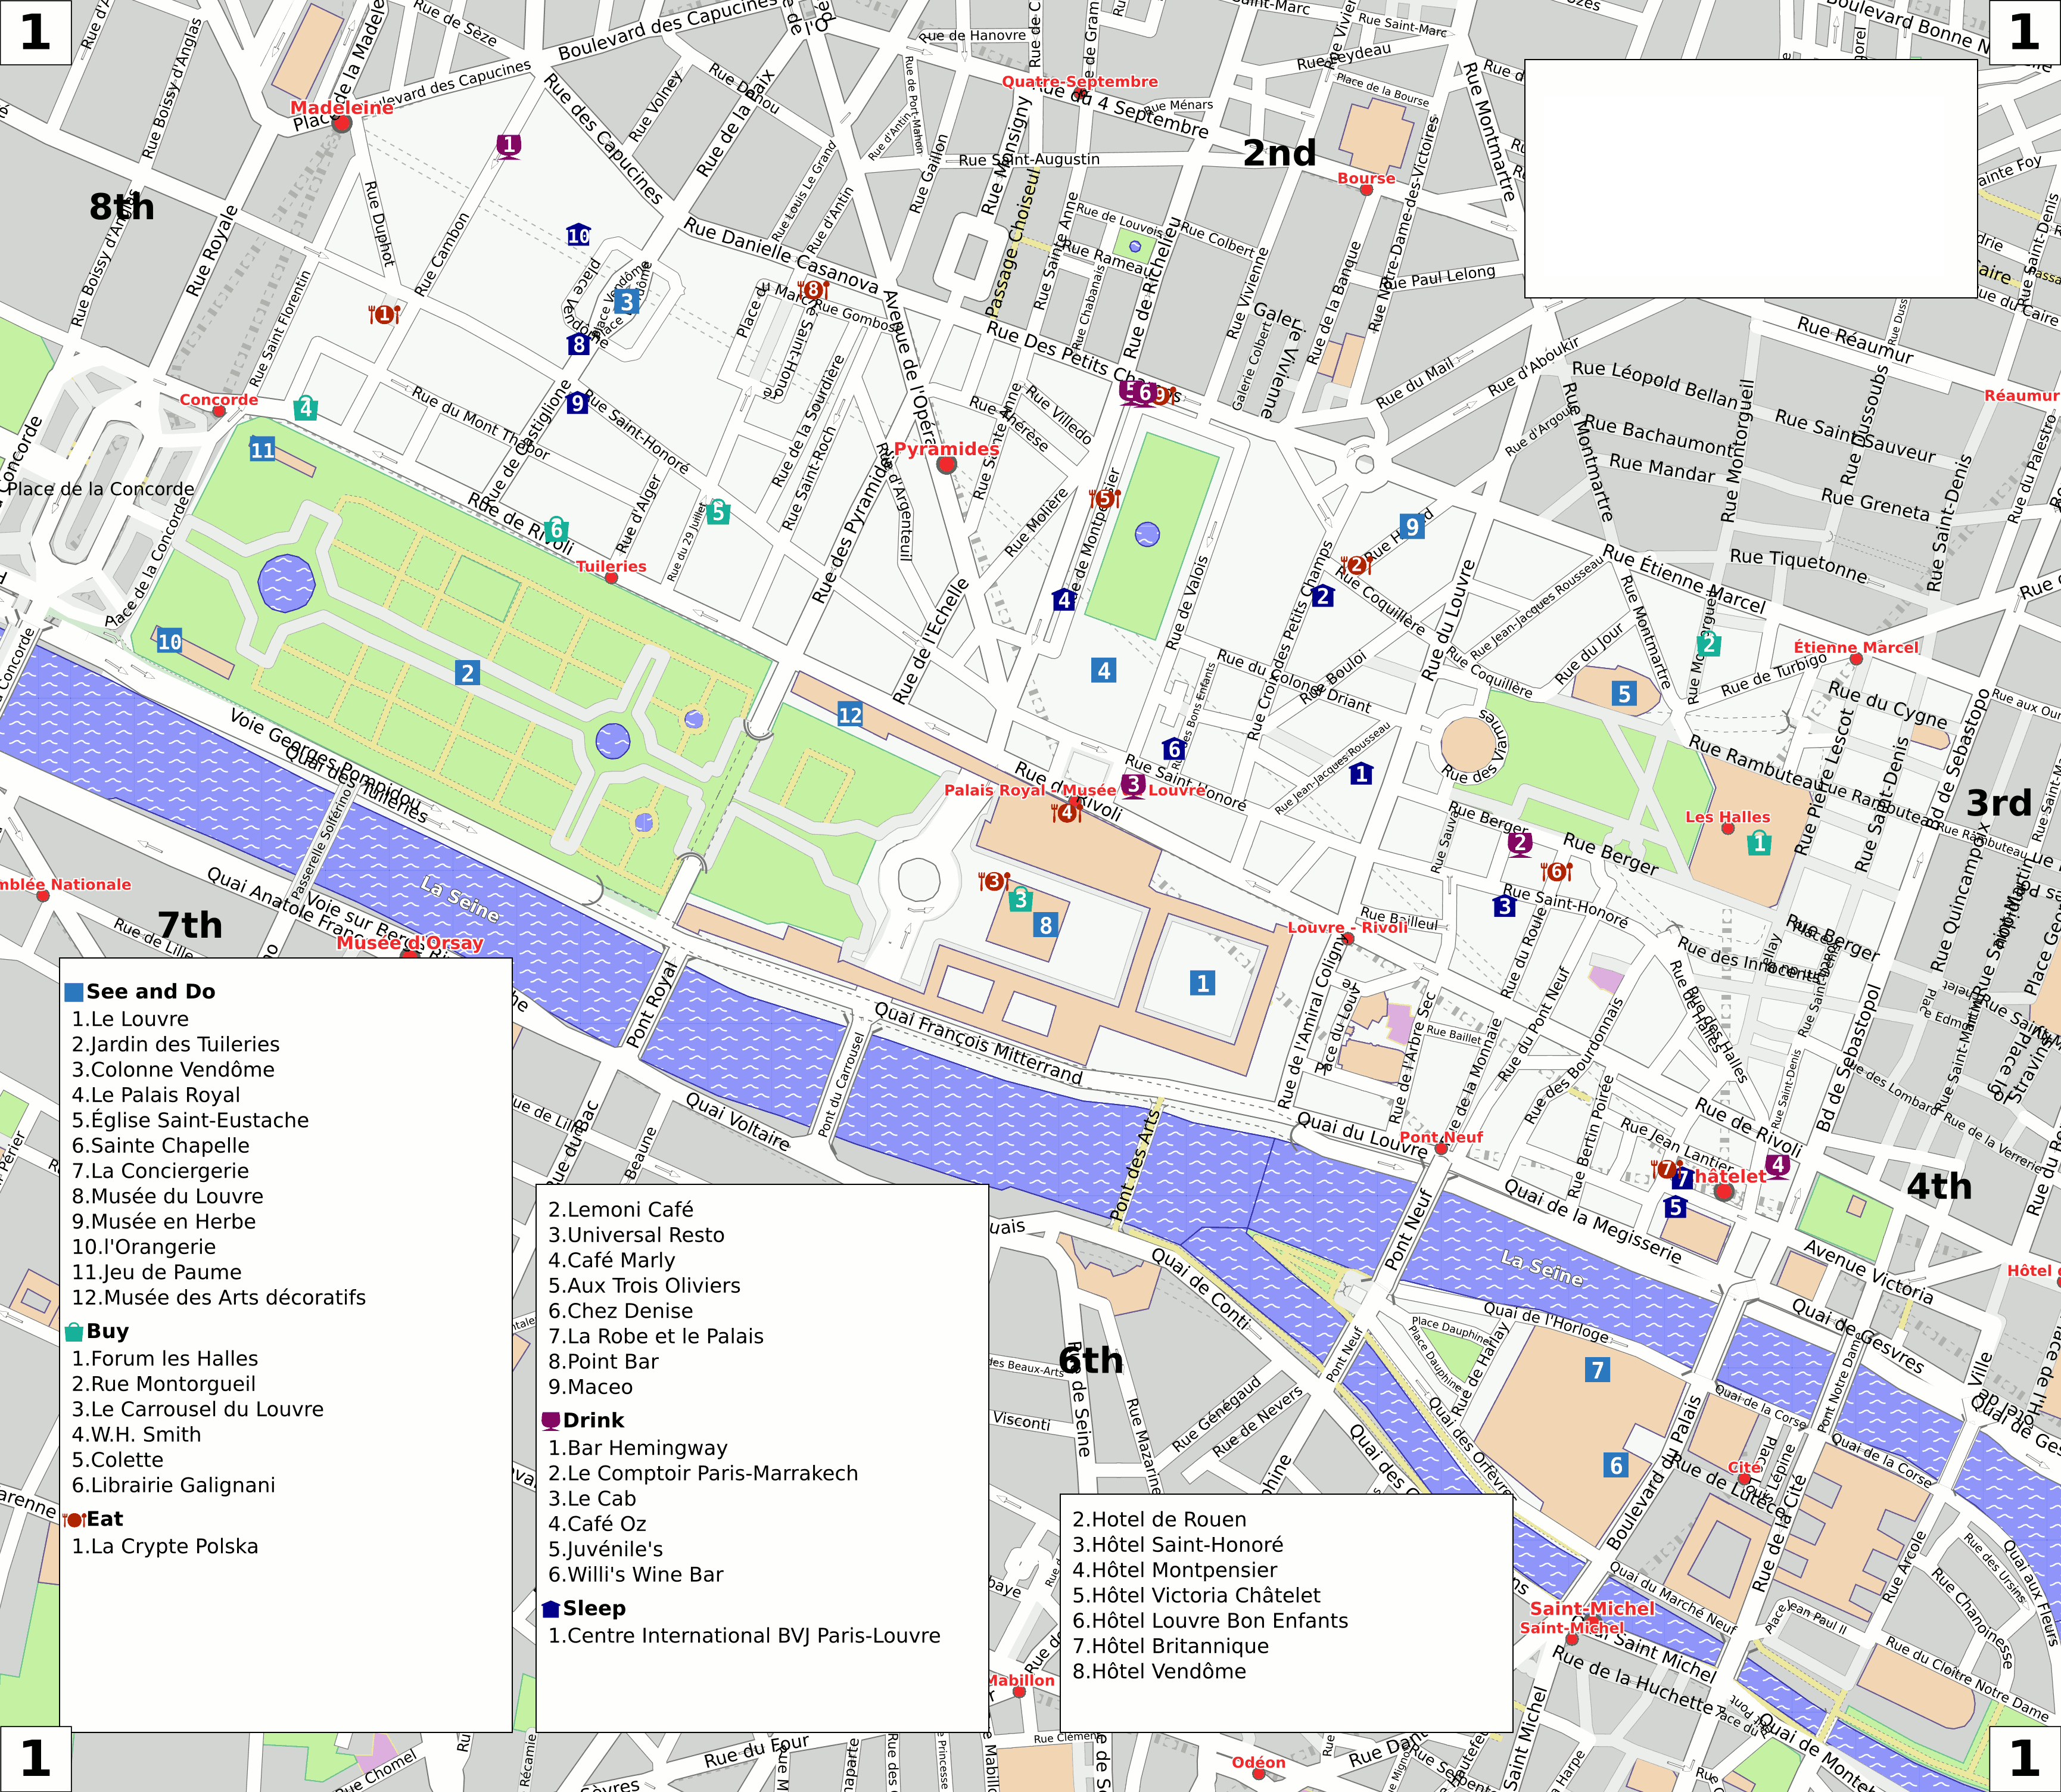 1st Arrondissement Paris Map